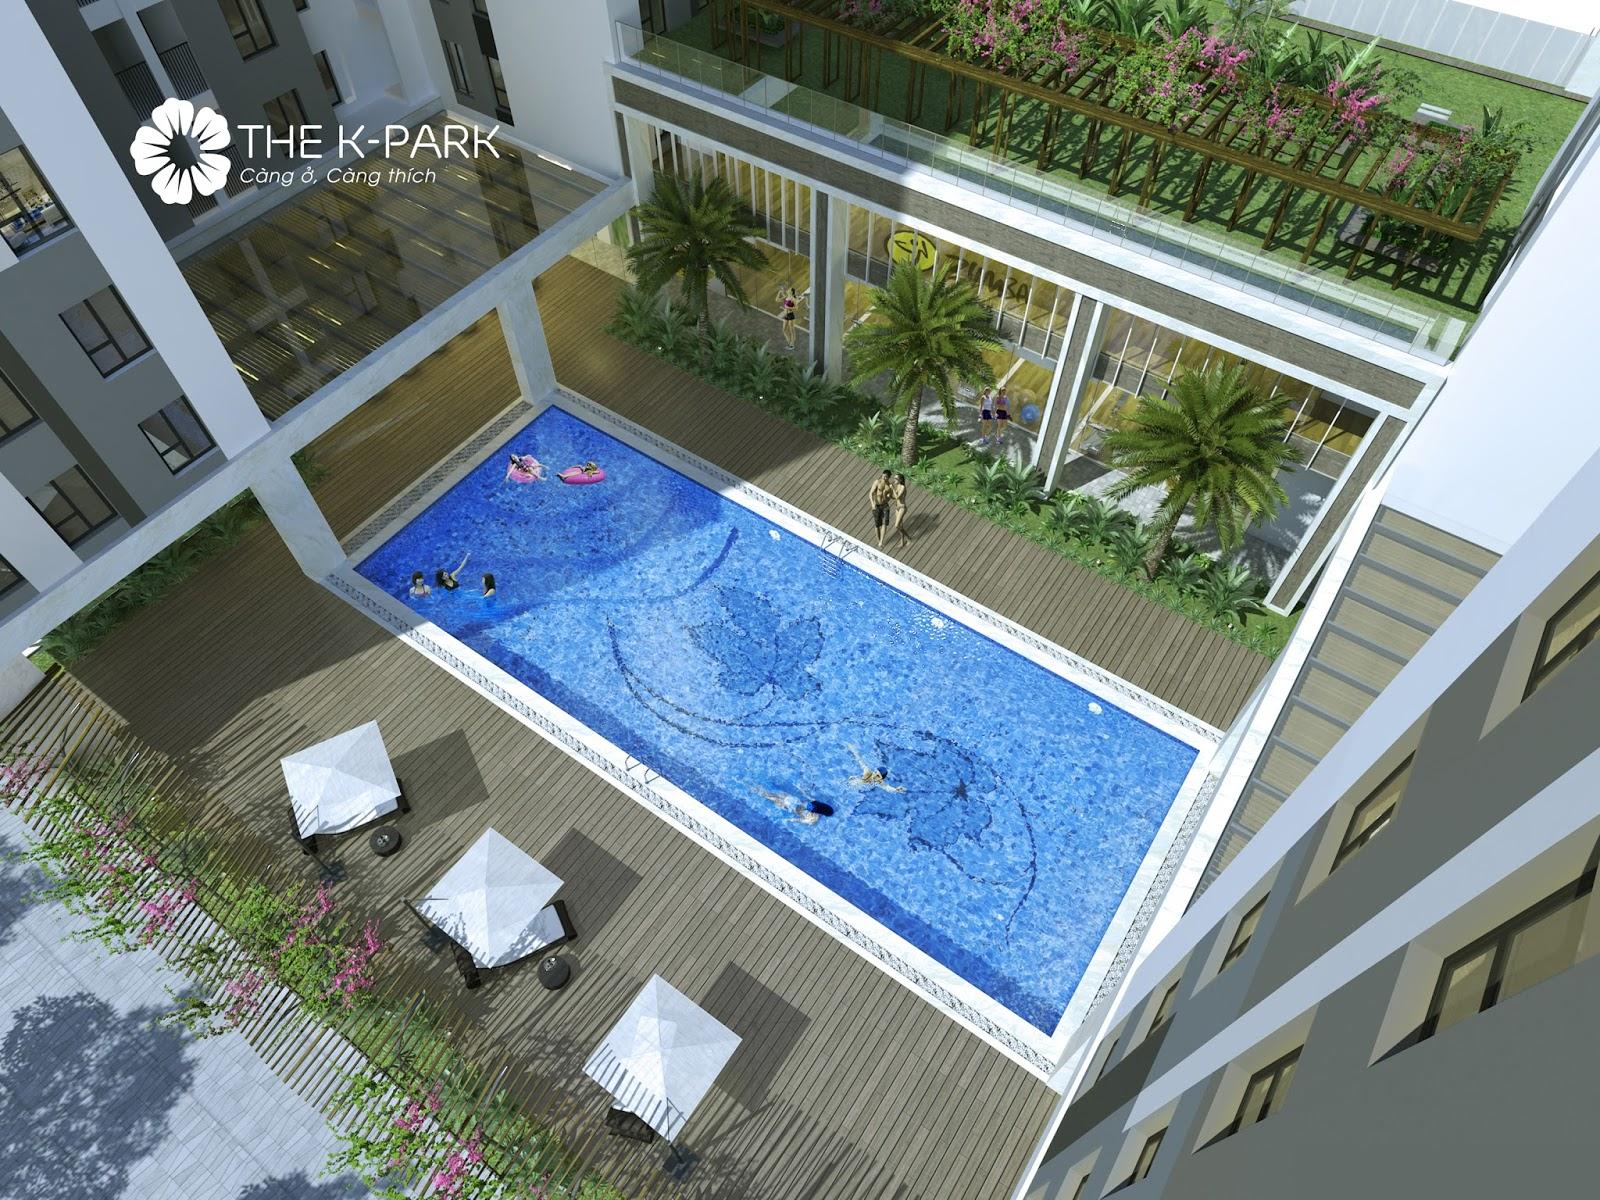 Bể Bơi ngoài trời cùng thiết kế sân vườn